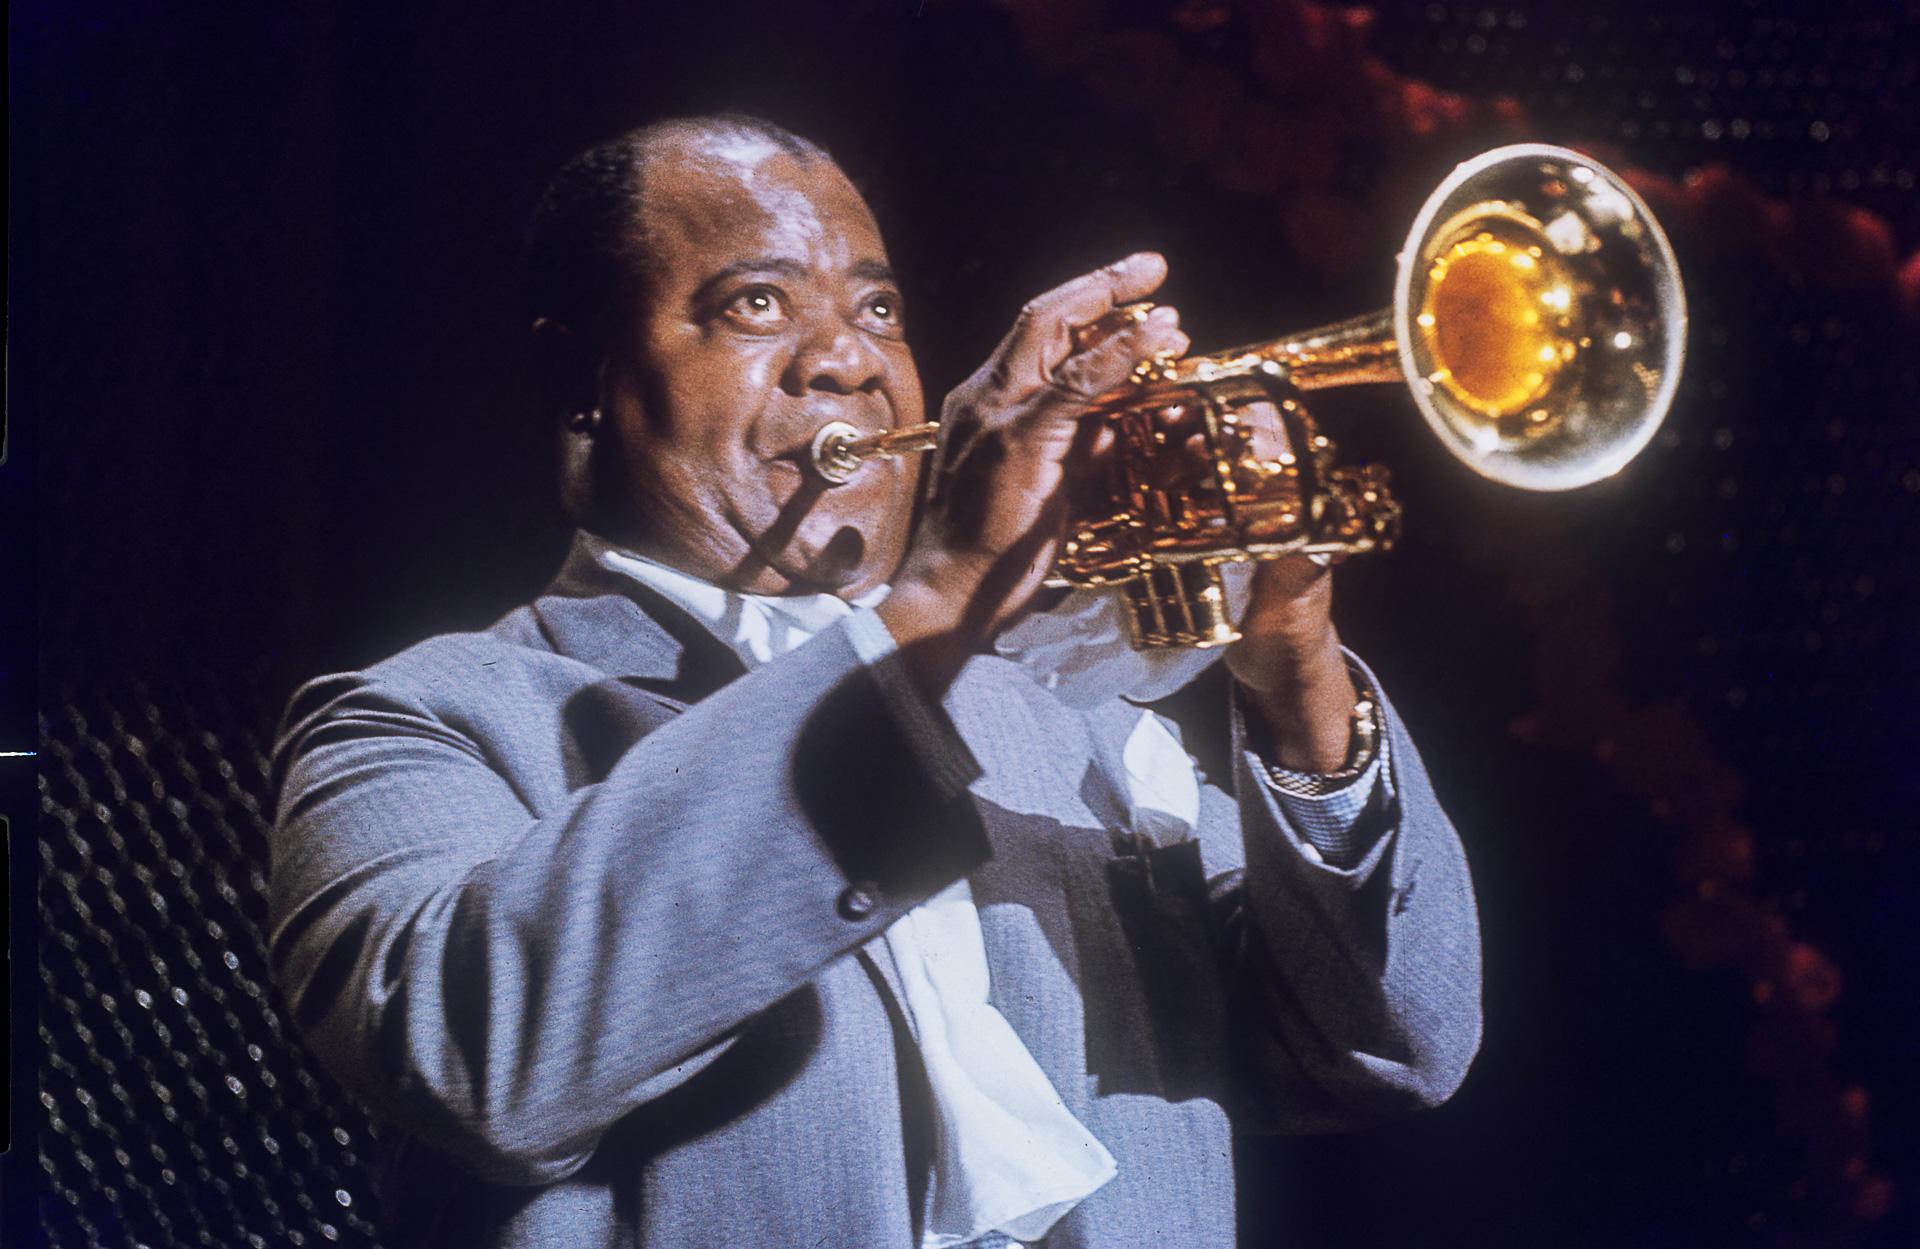 Ötven éve halt meg a dzsessz királya